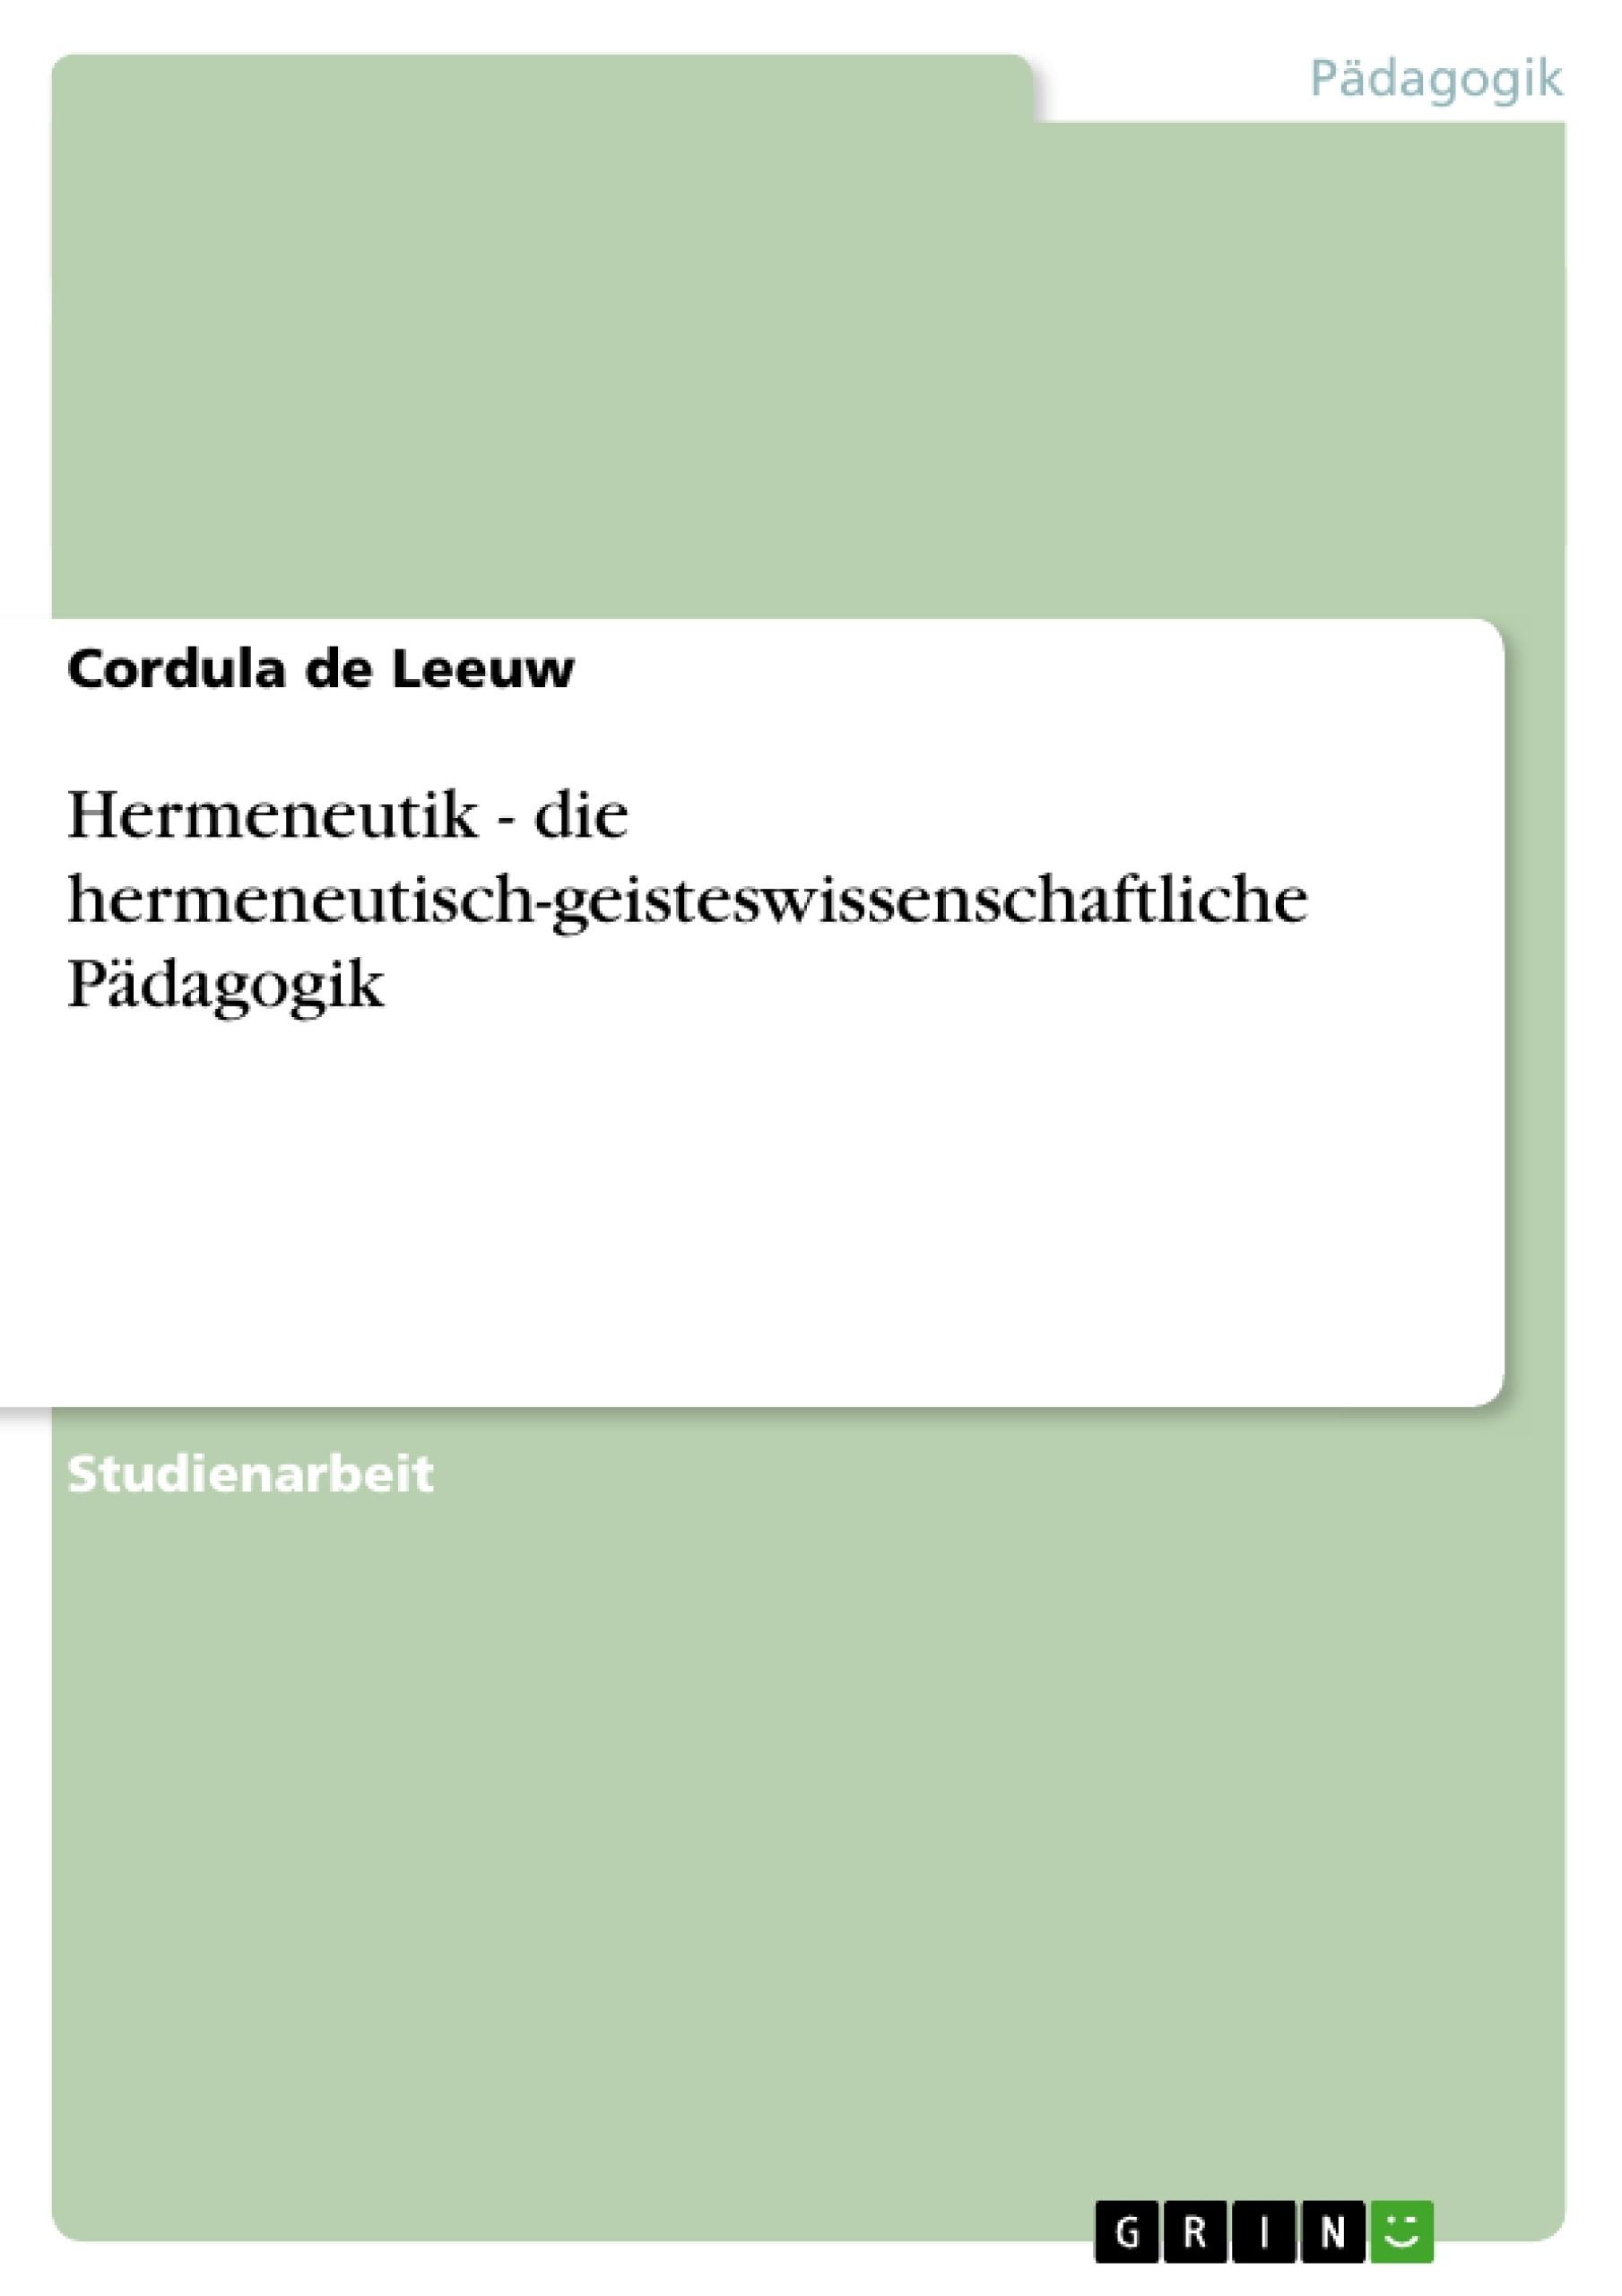 Titel: Hermeneutik - die hermeneutisch-geisteswissenschaftliche Pädagogik